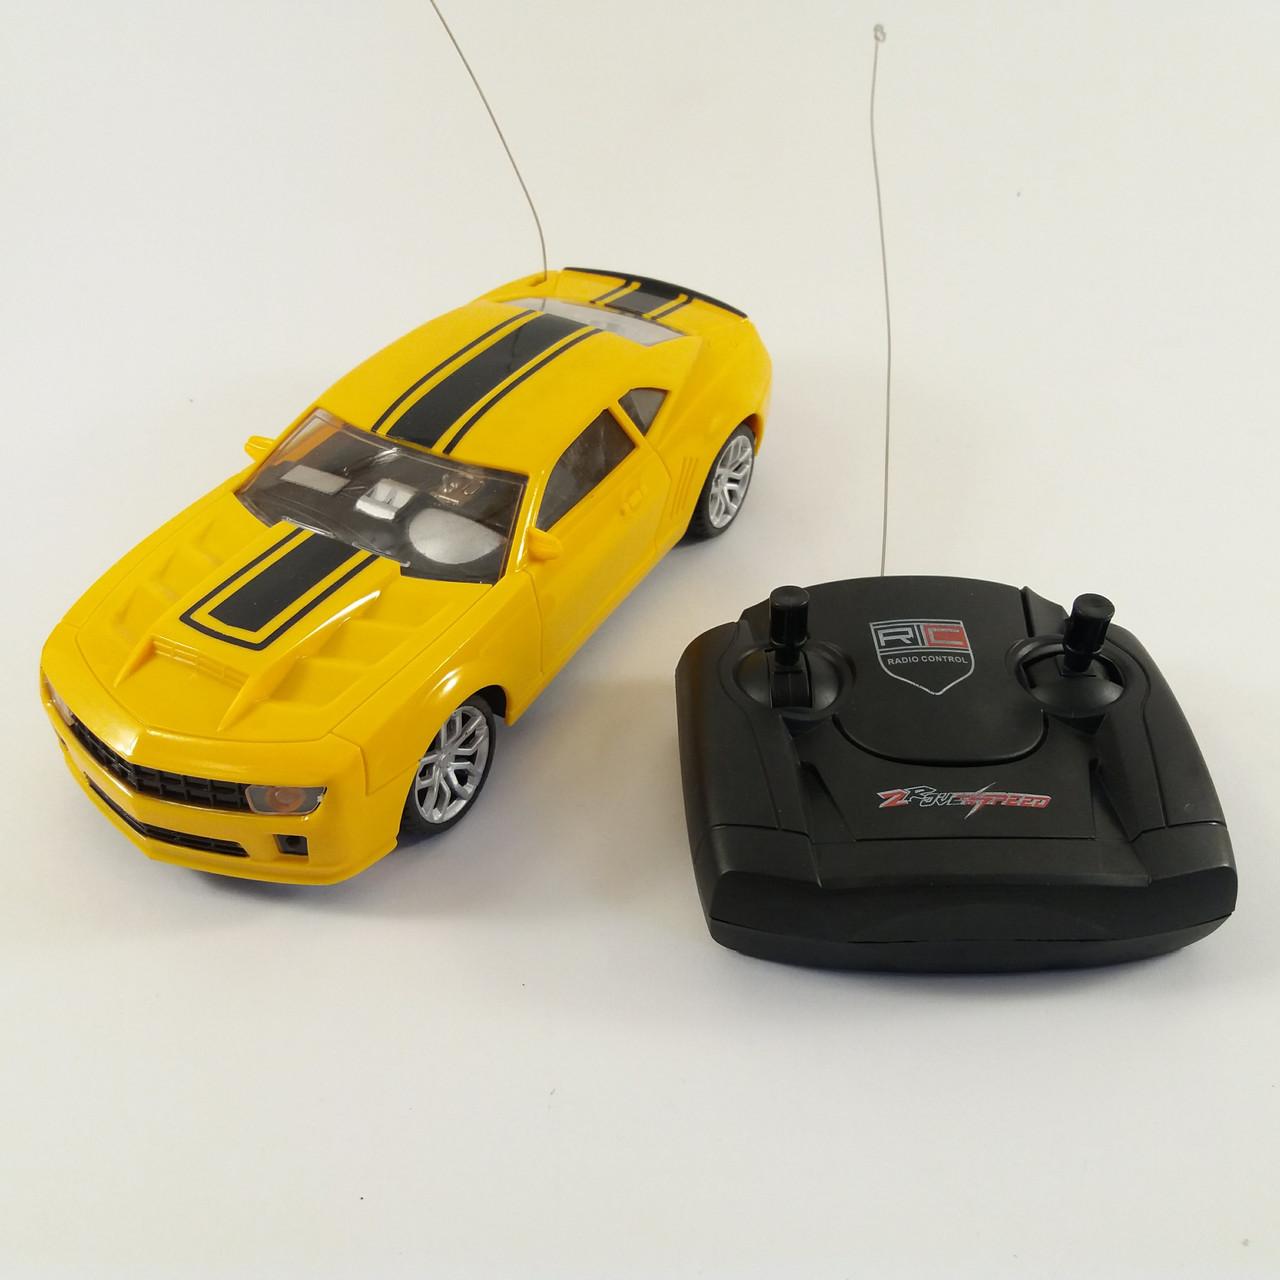 Автомобиль на радиоуправлении Chevrolet Camaro Желтый